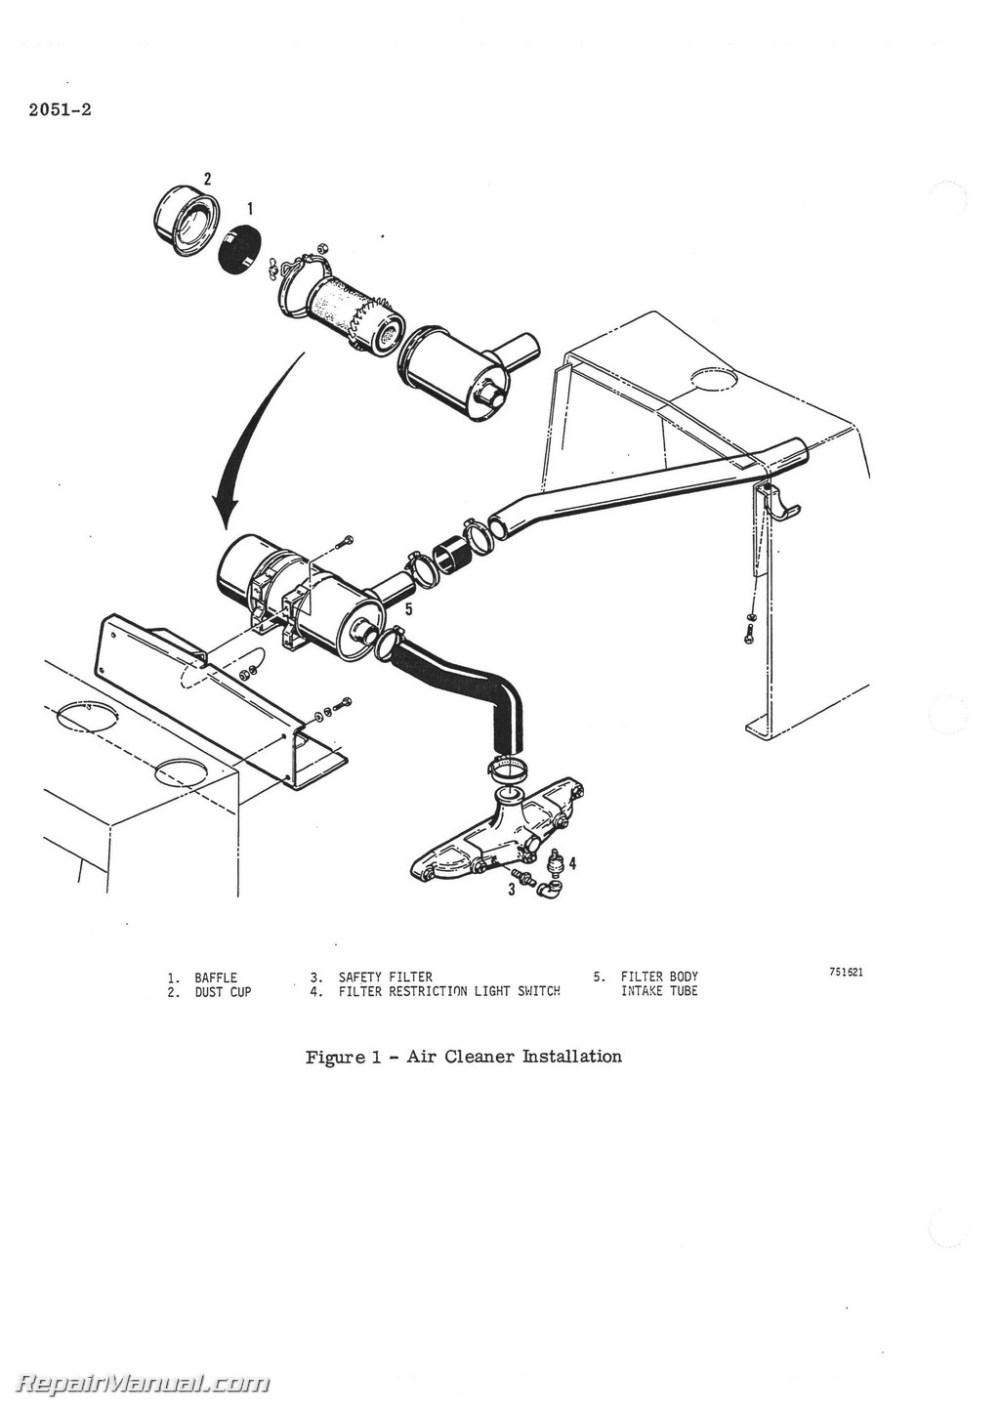 medium resolution of case backhoe fuel filter